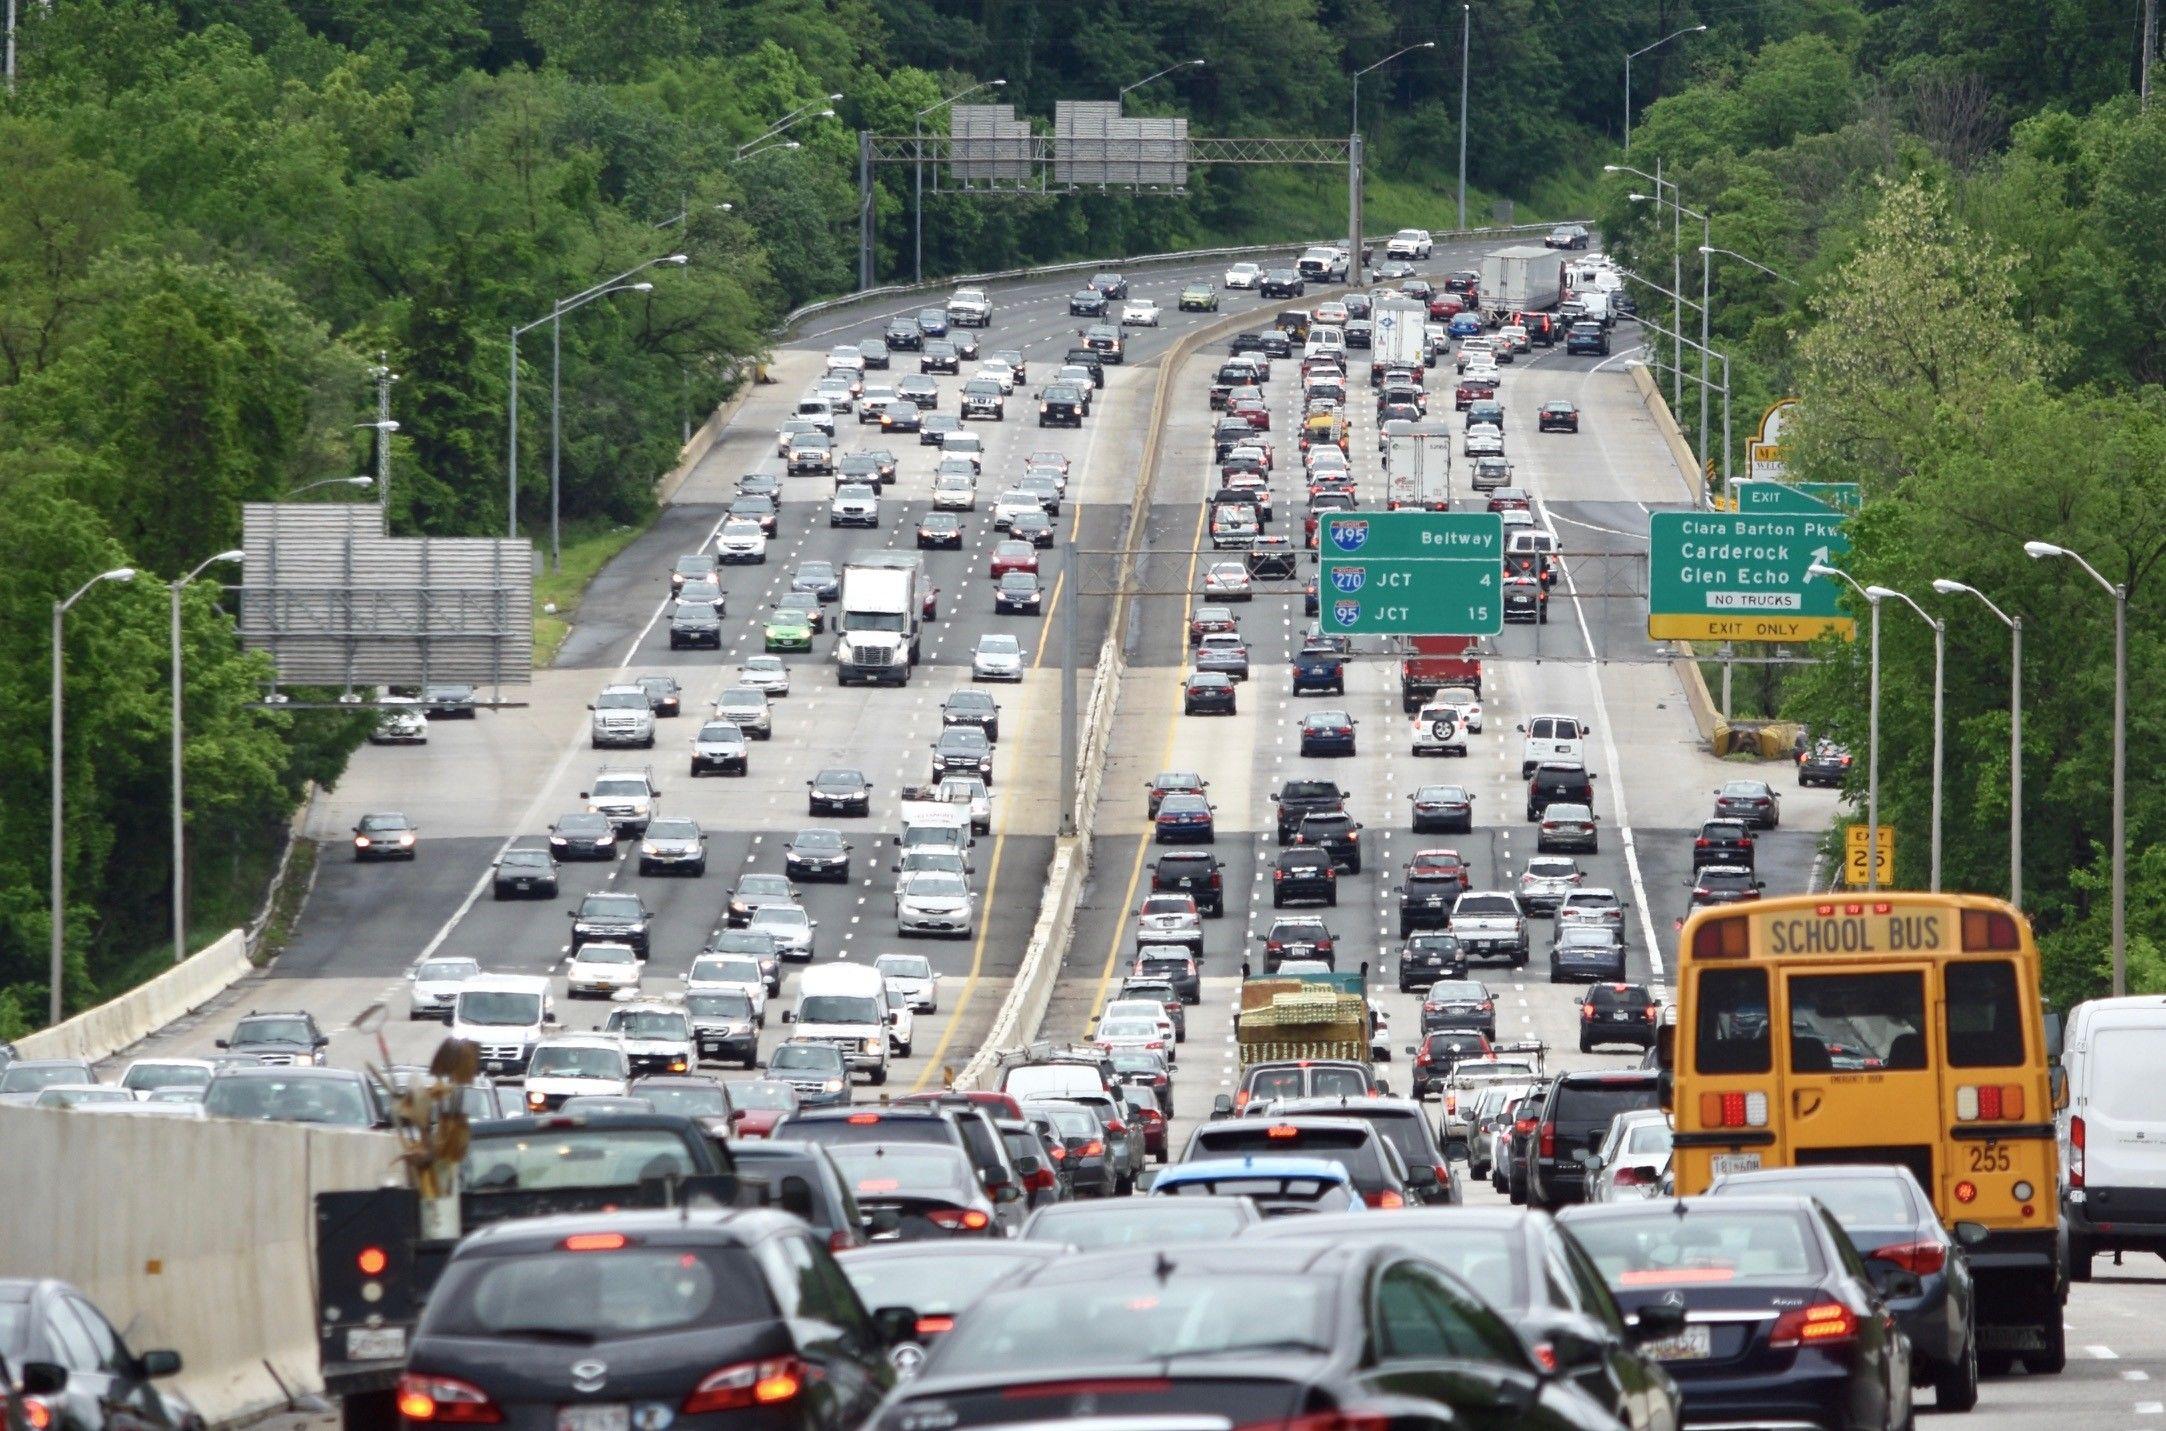 capital beltway I-495 legion bridge congestion traffic backup roads